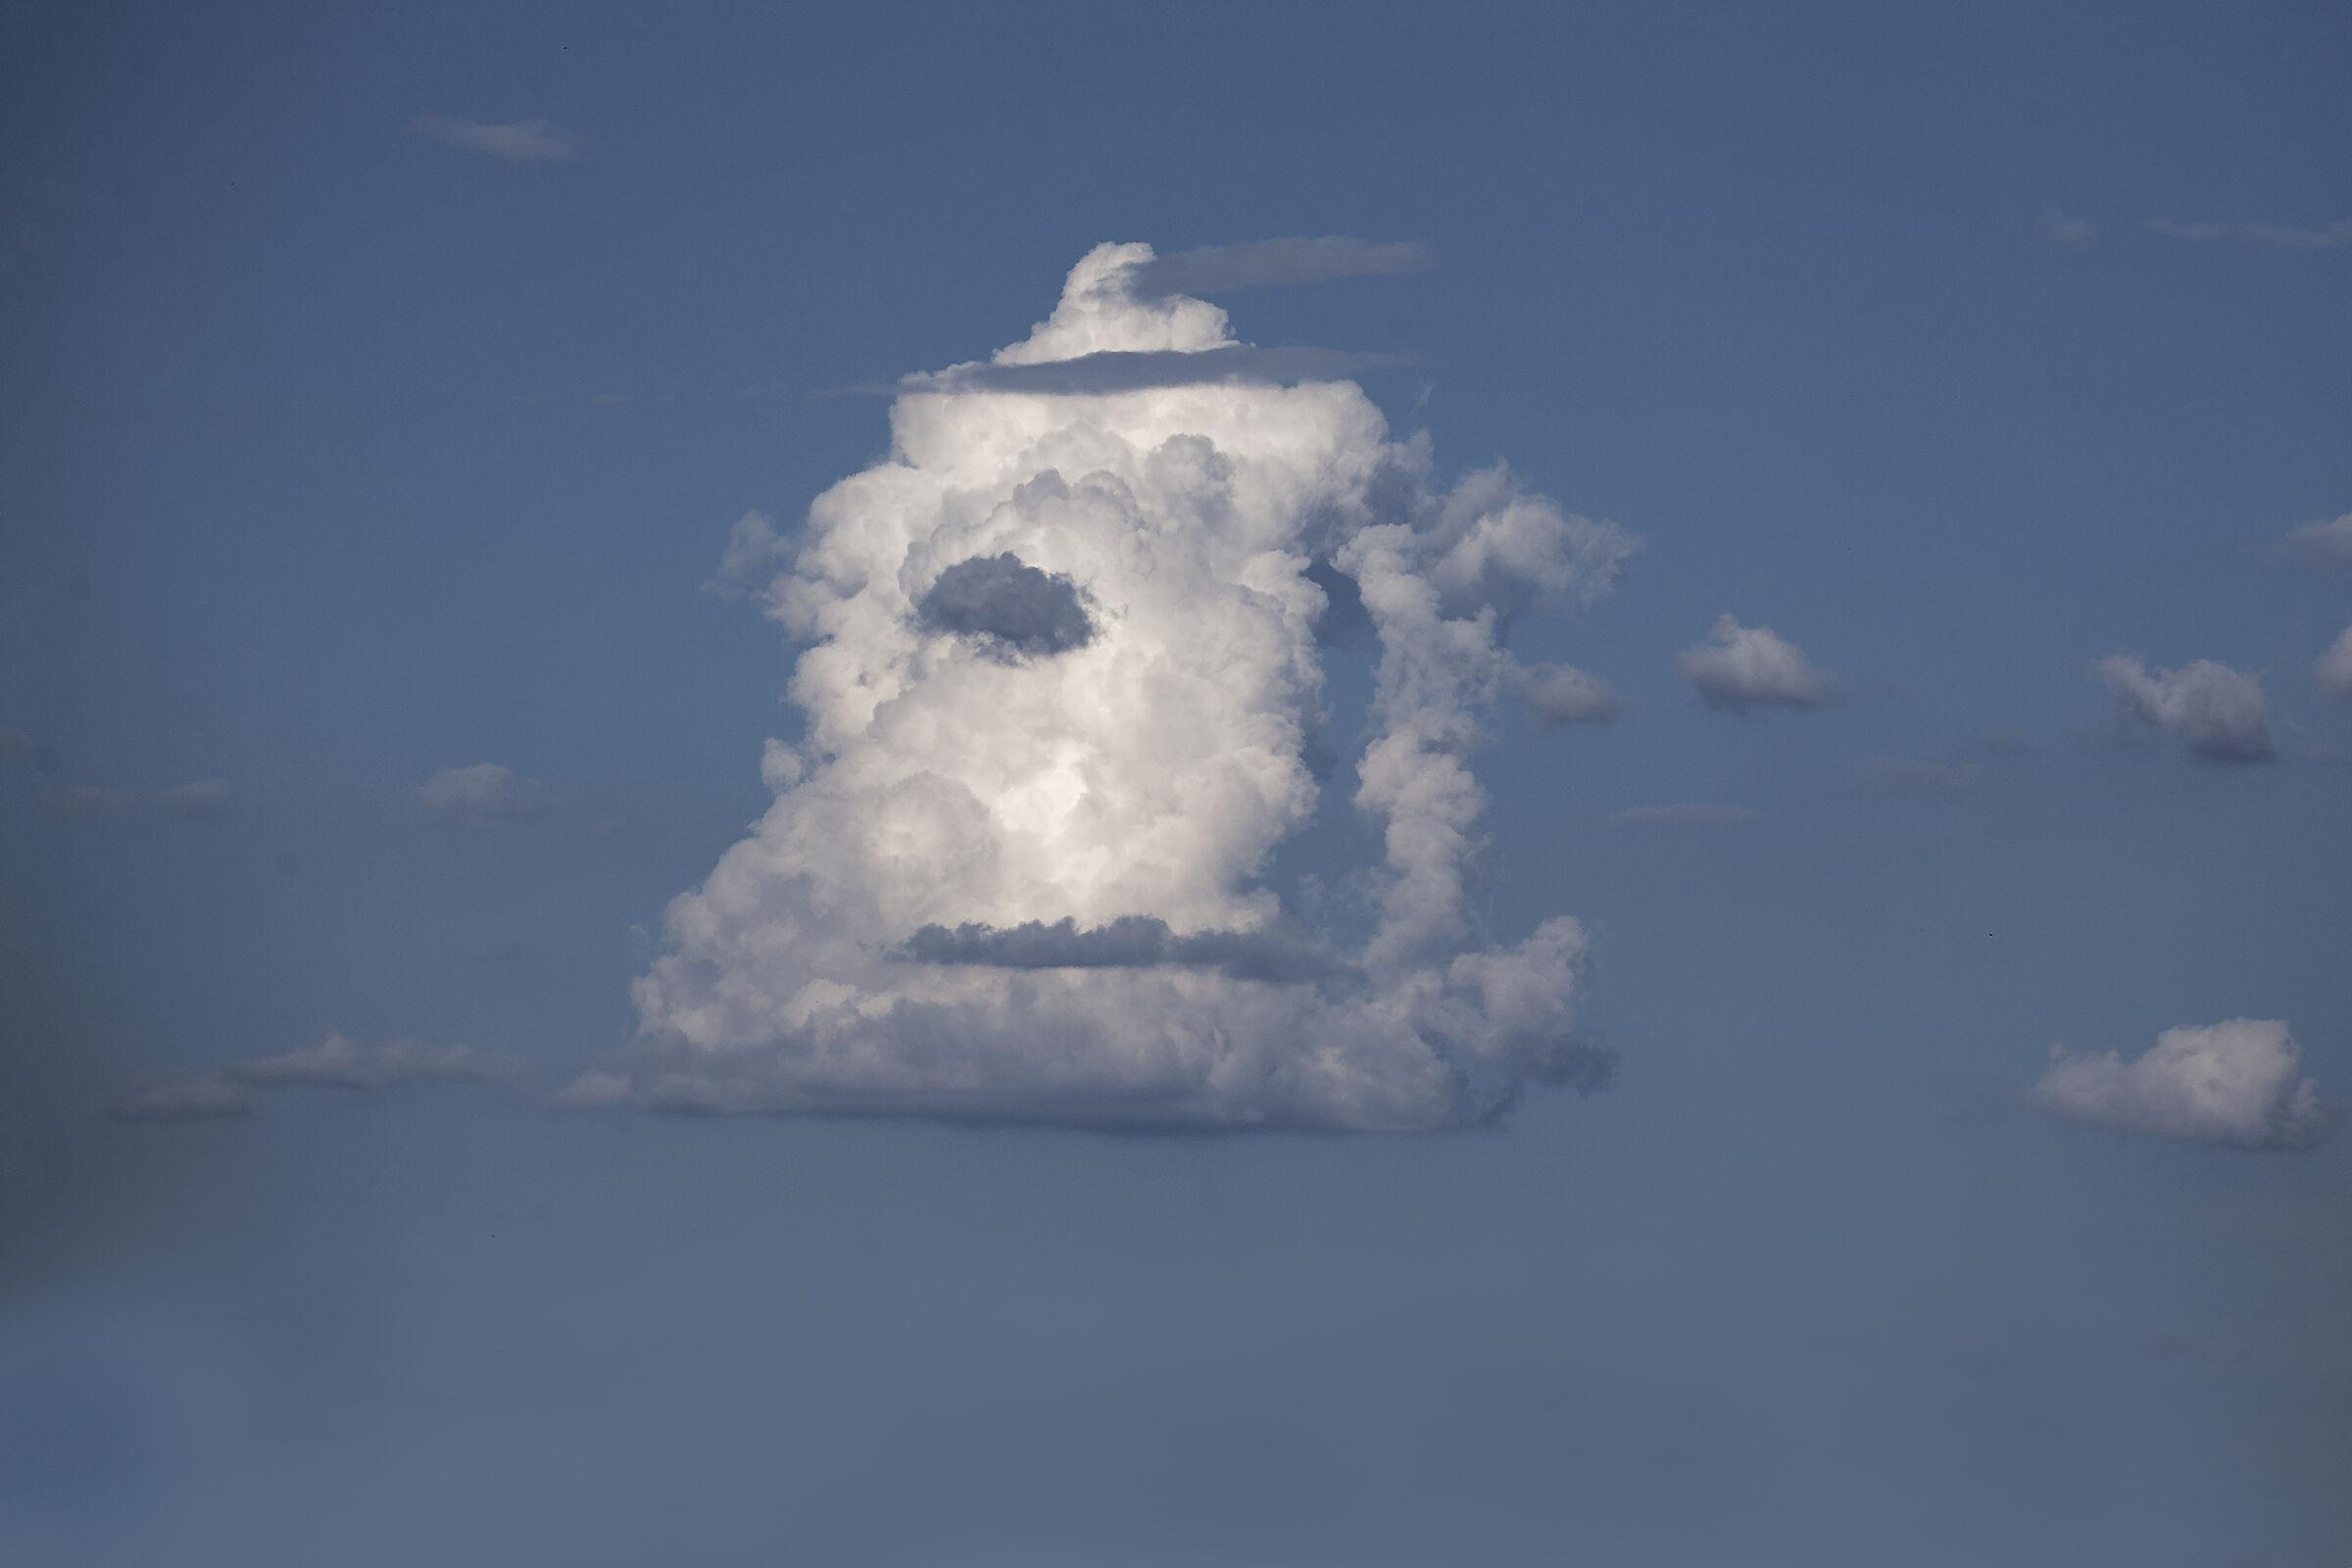 A Pirate in the sky...